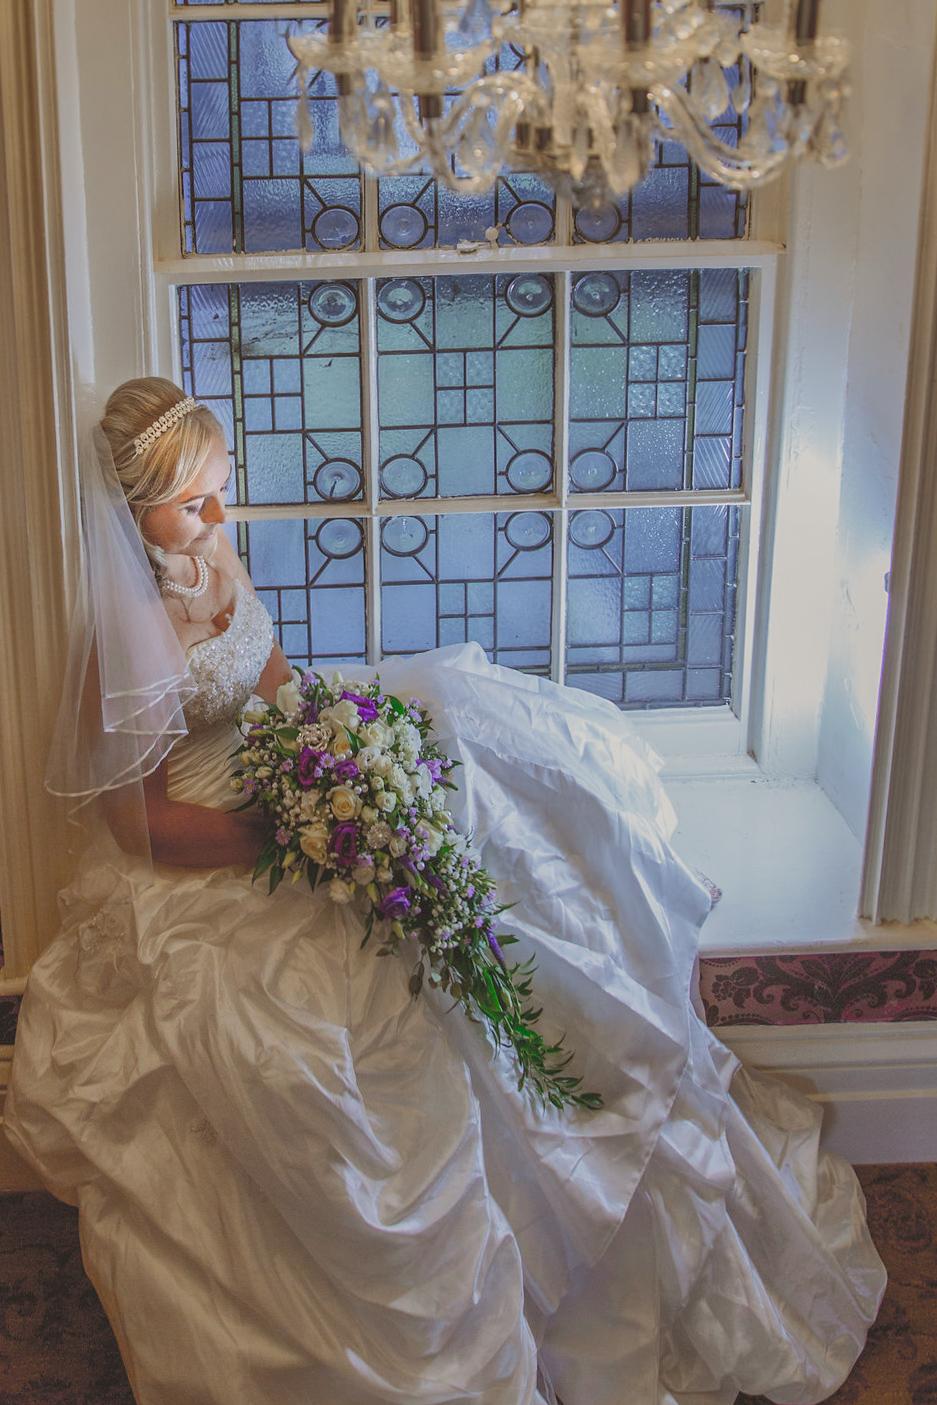 Female-wedding-photographer-cardiff-new-house-hotel-cardiff-natalia-smith-photography-11.jpg